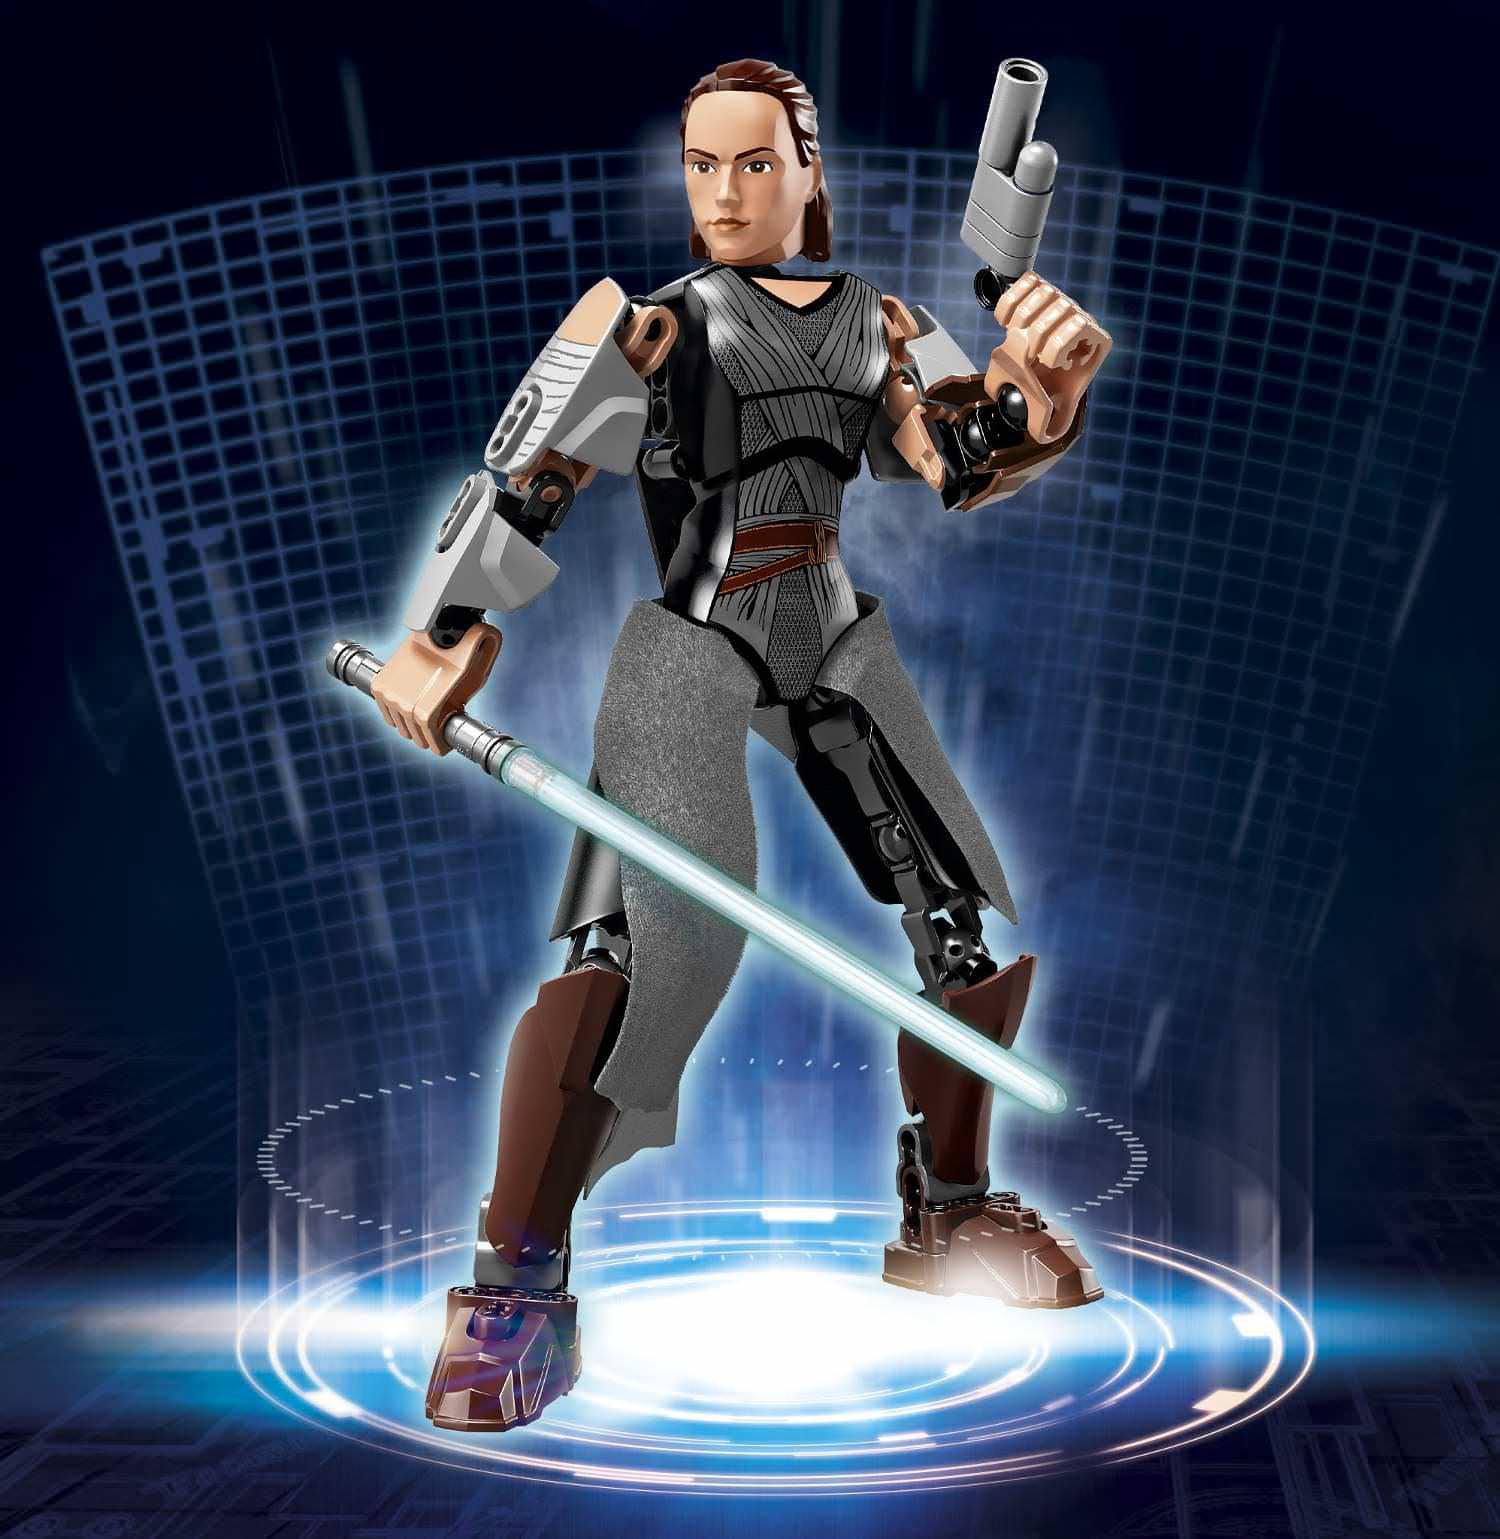 [Produits] Figurines Star Wars de l'automne 2017 : découvrez les images ! Nk3xmw10